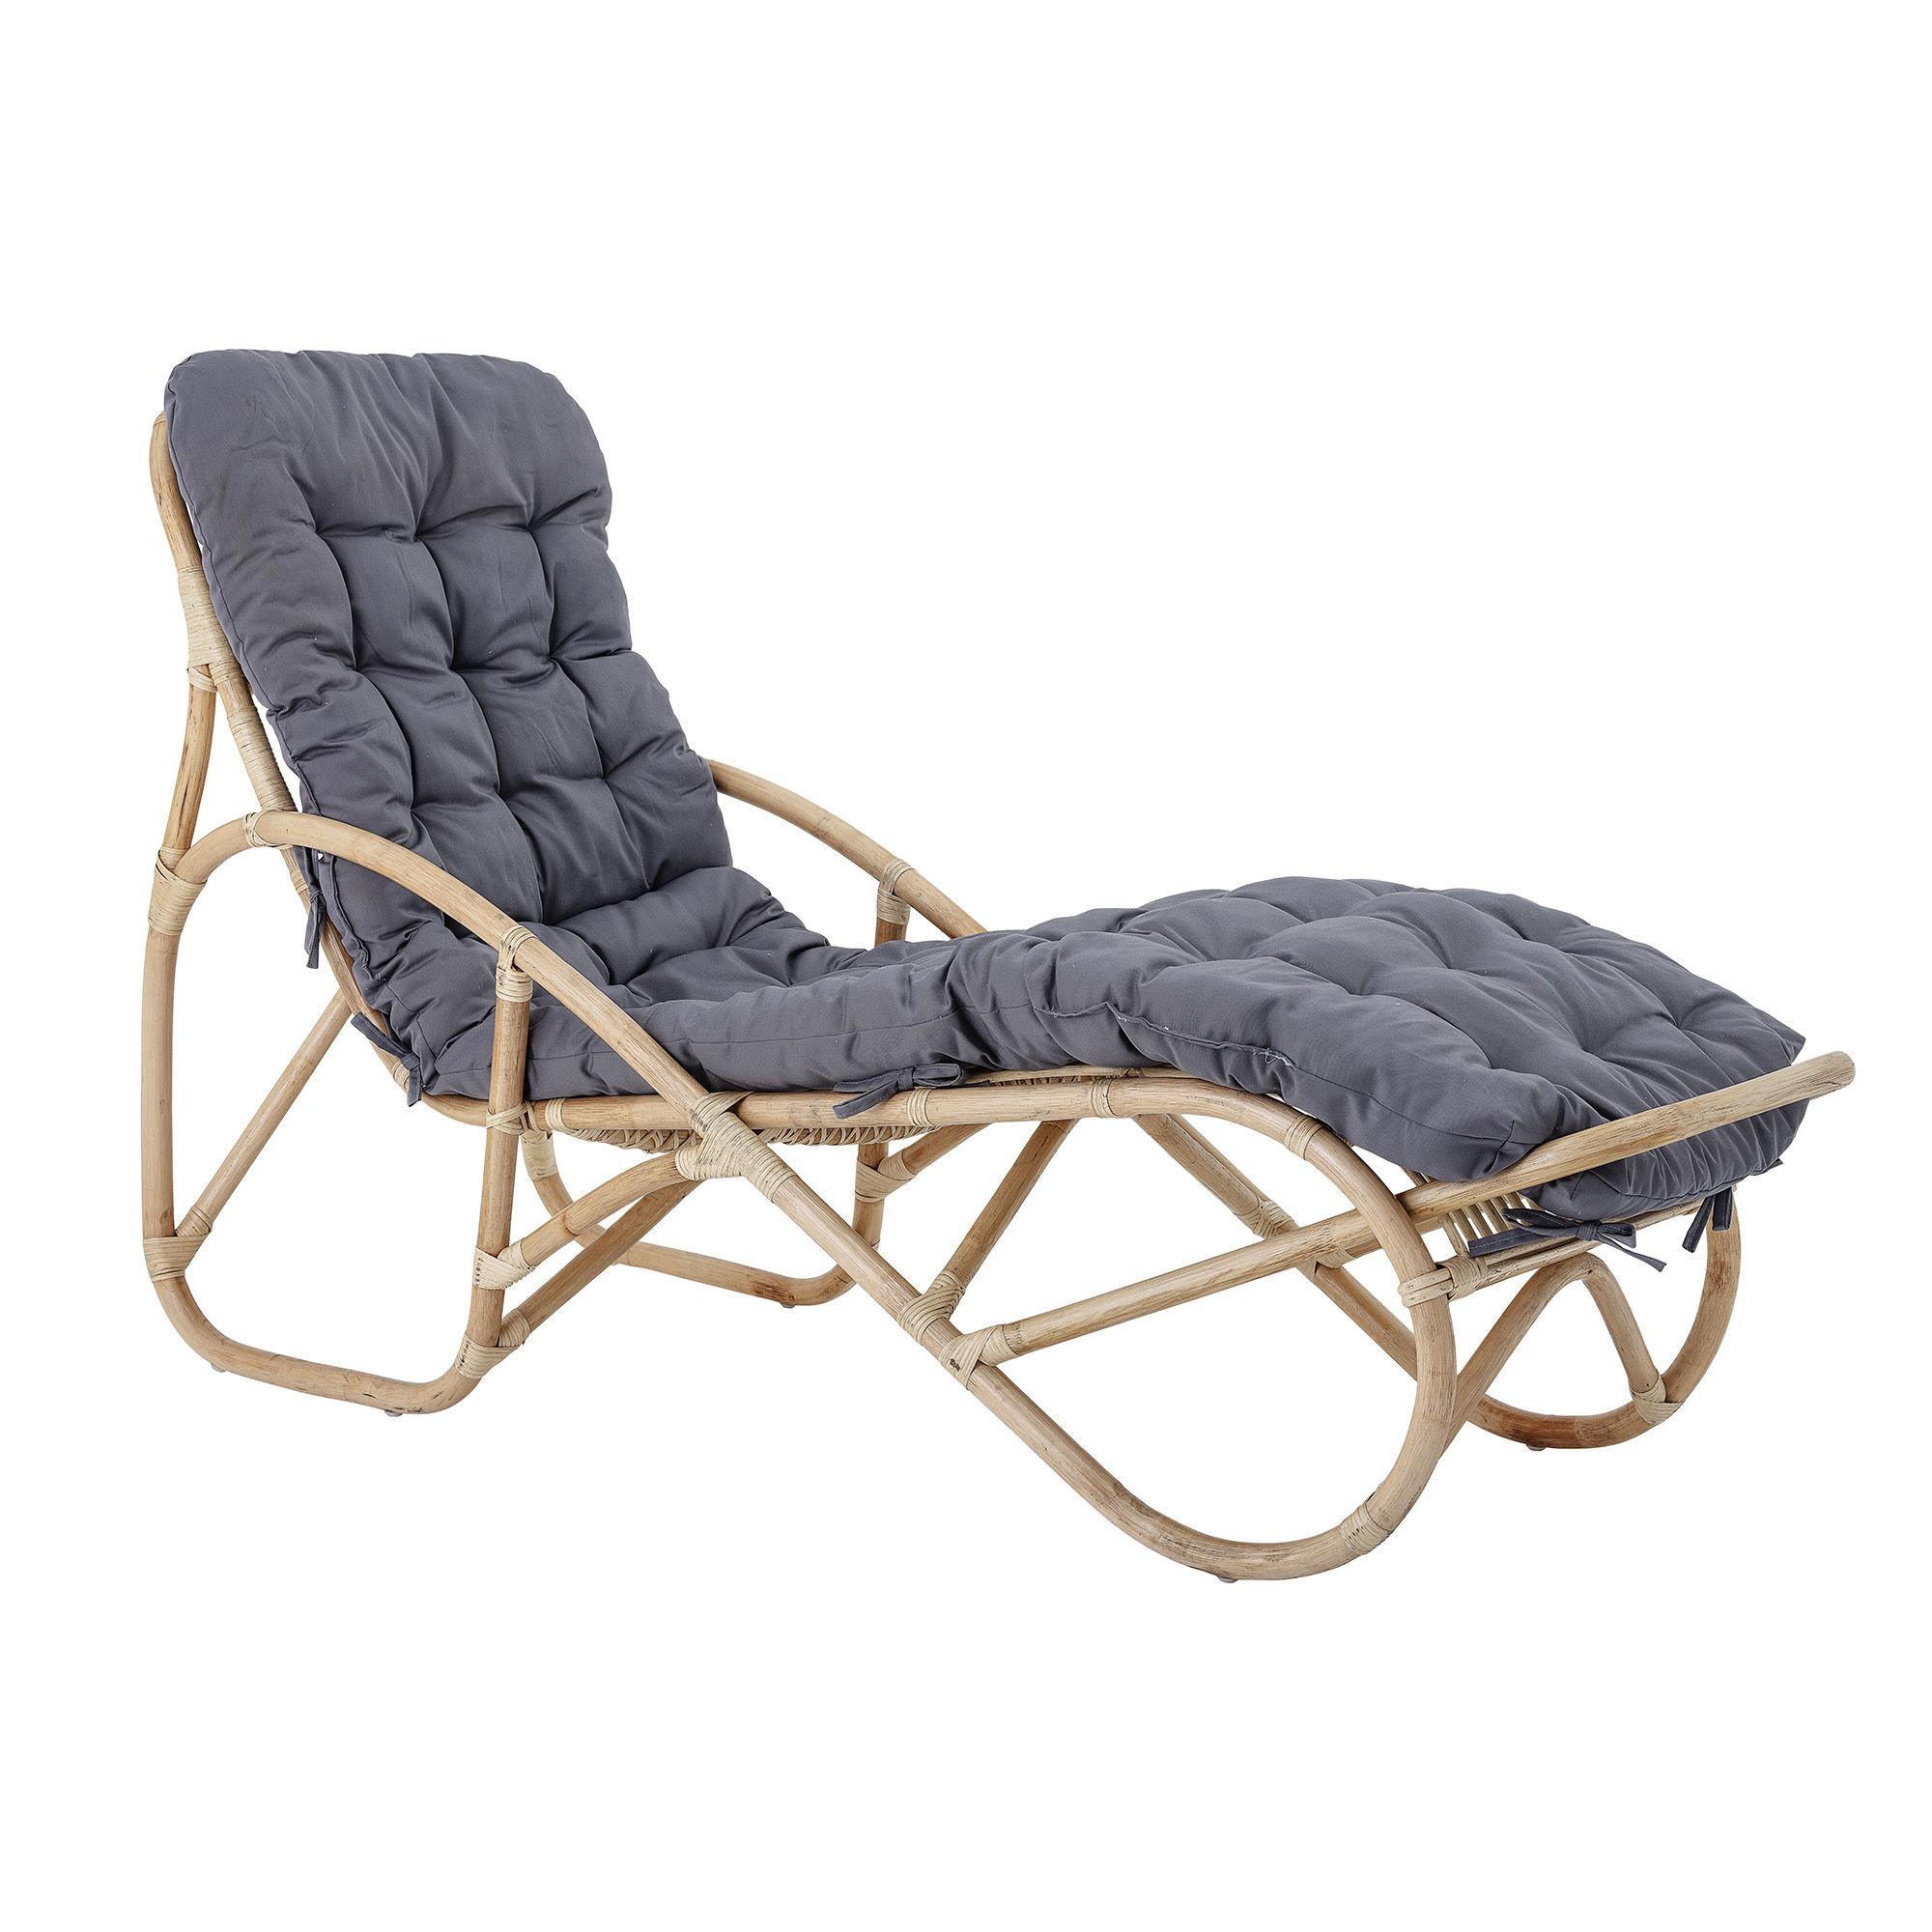 Outdoor - Chaises longues et hamacs - Chaise longue Costa / Rotin - Avec matelas - Bloomingville - Naturel / Matelas gris - Mousse, Rotin, Tissu